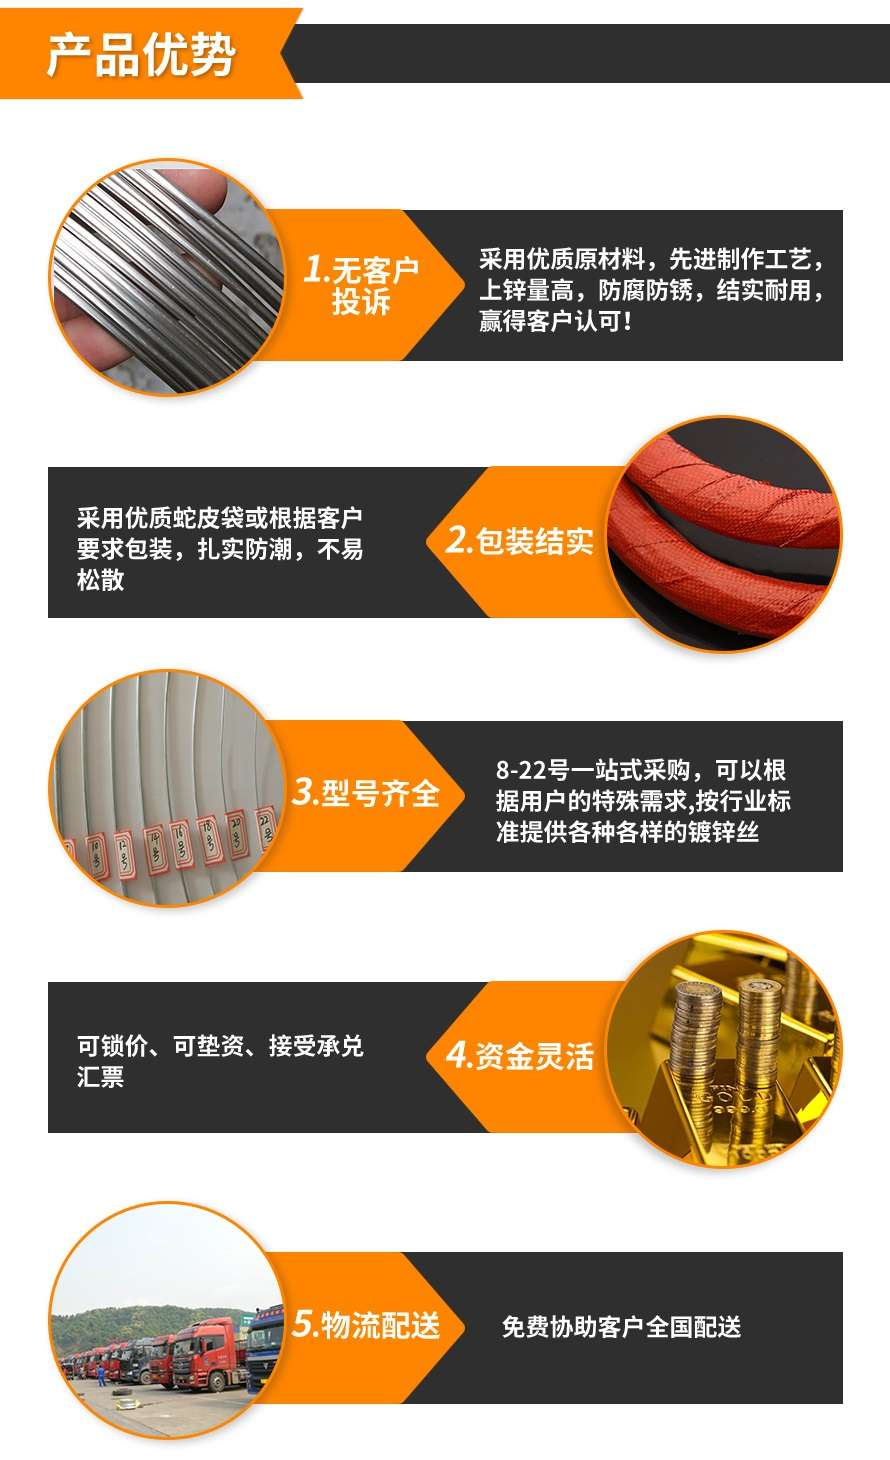 镀锌铁丝产品优势